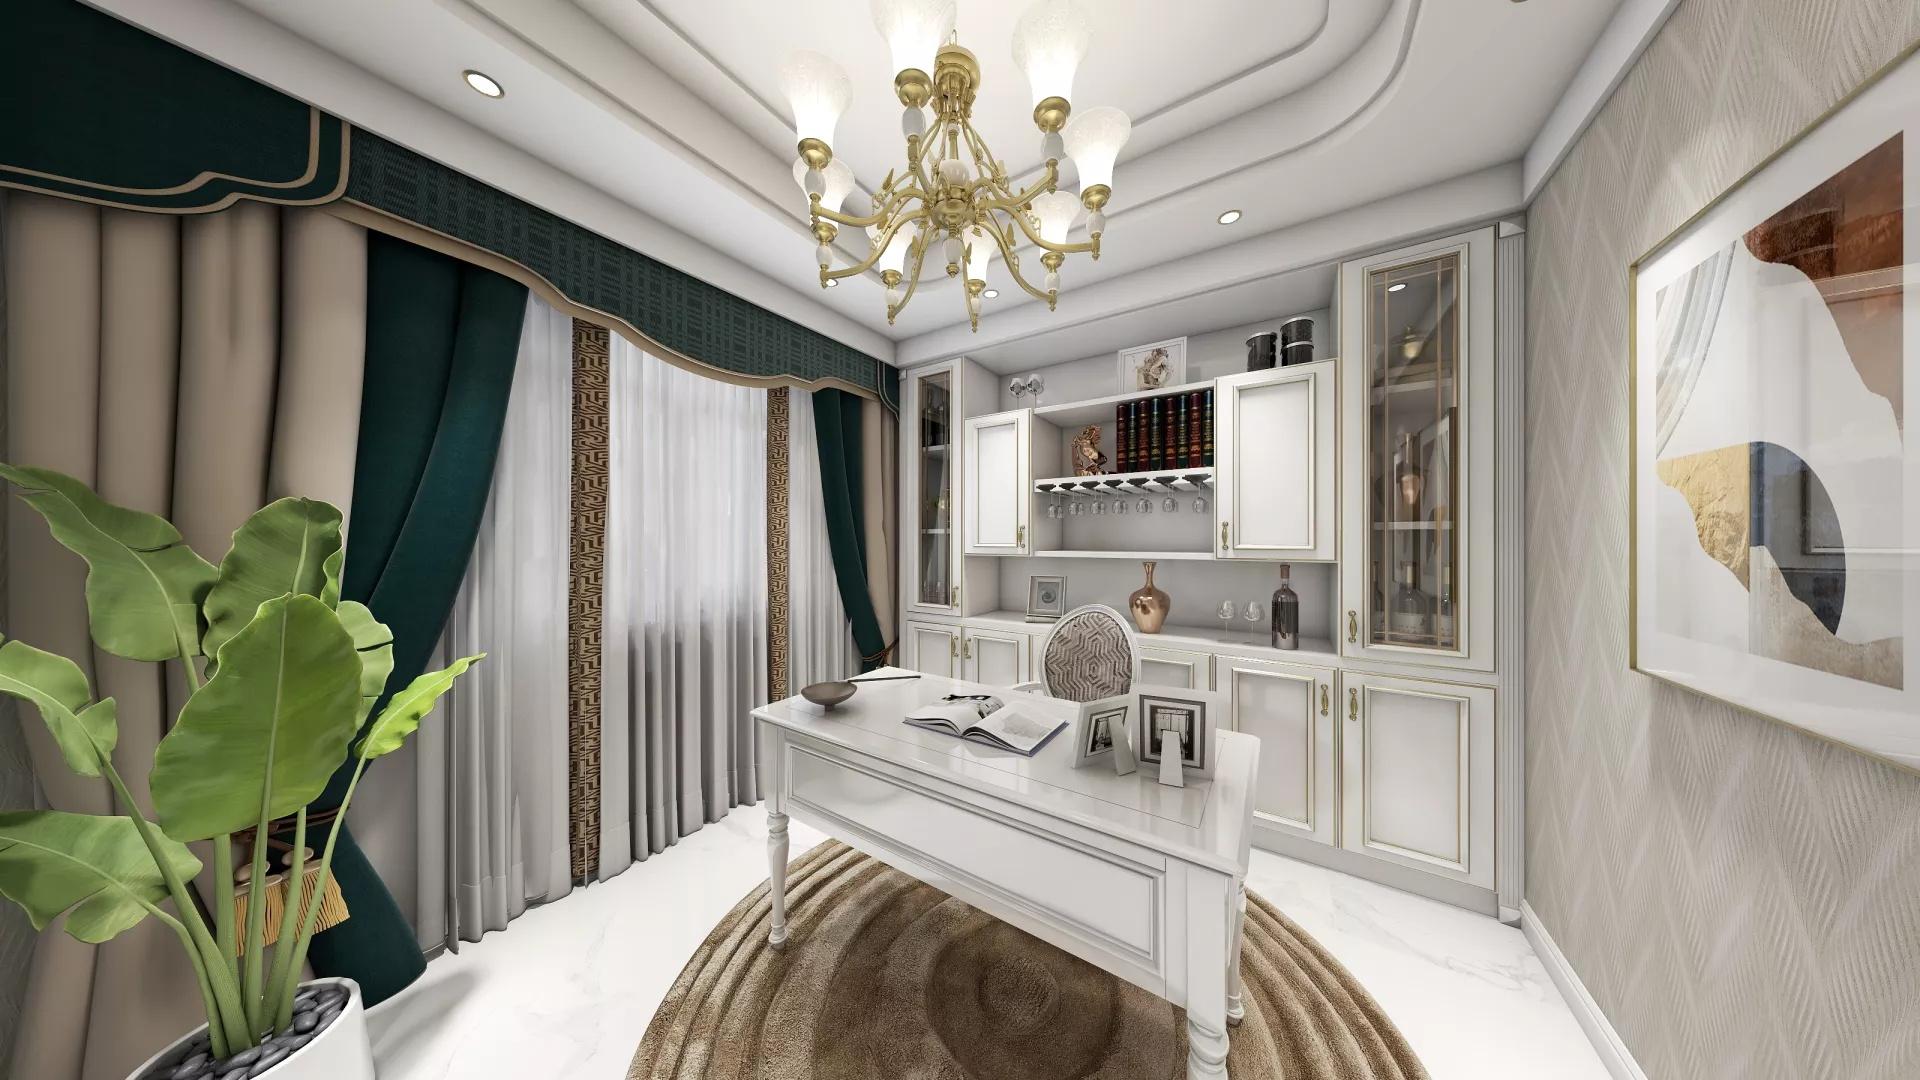 衛浴浴盆柜要如何選擇?衛浴浴盆柜選購要點有哪些?